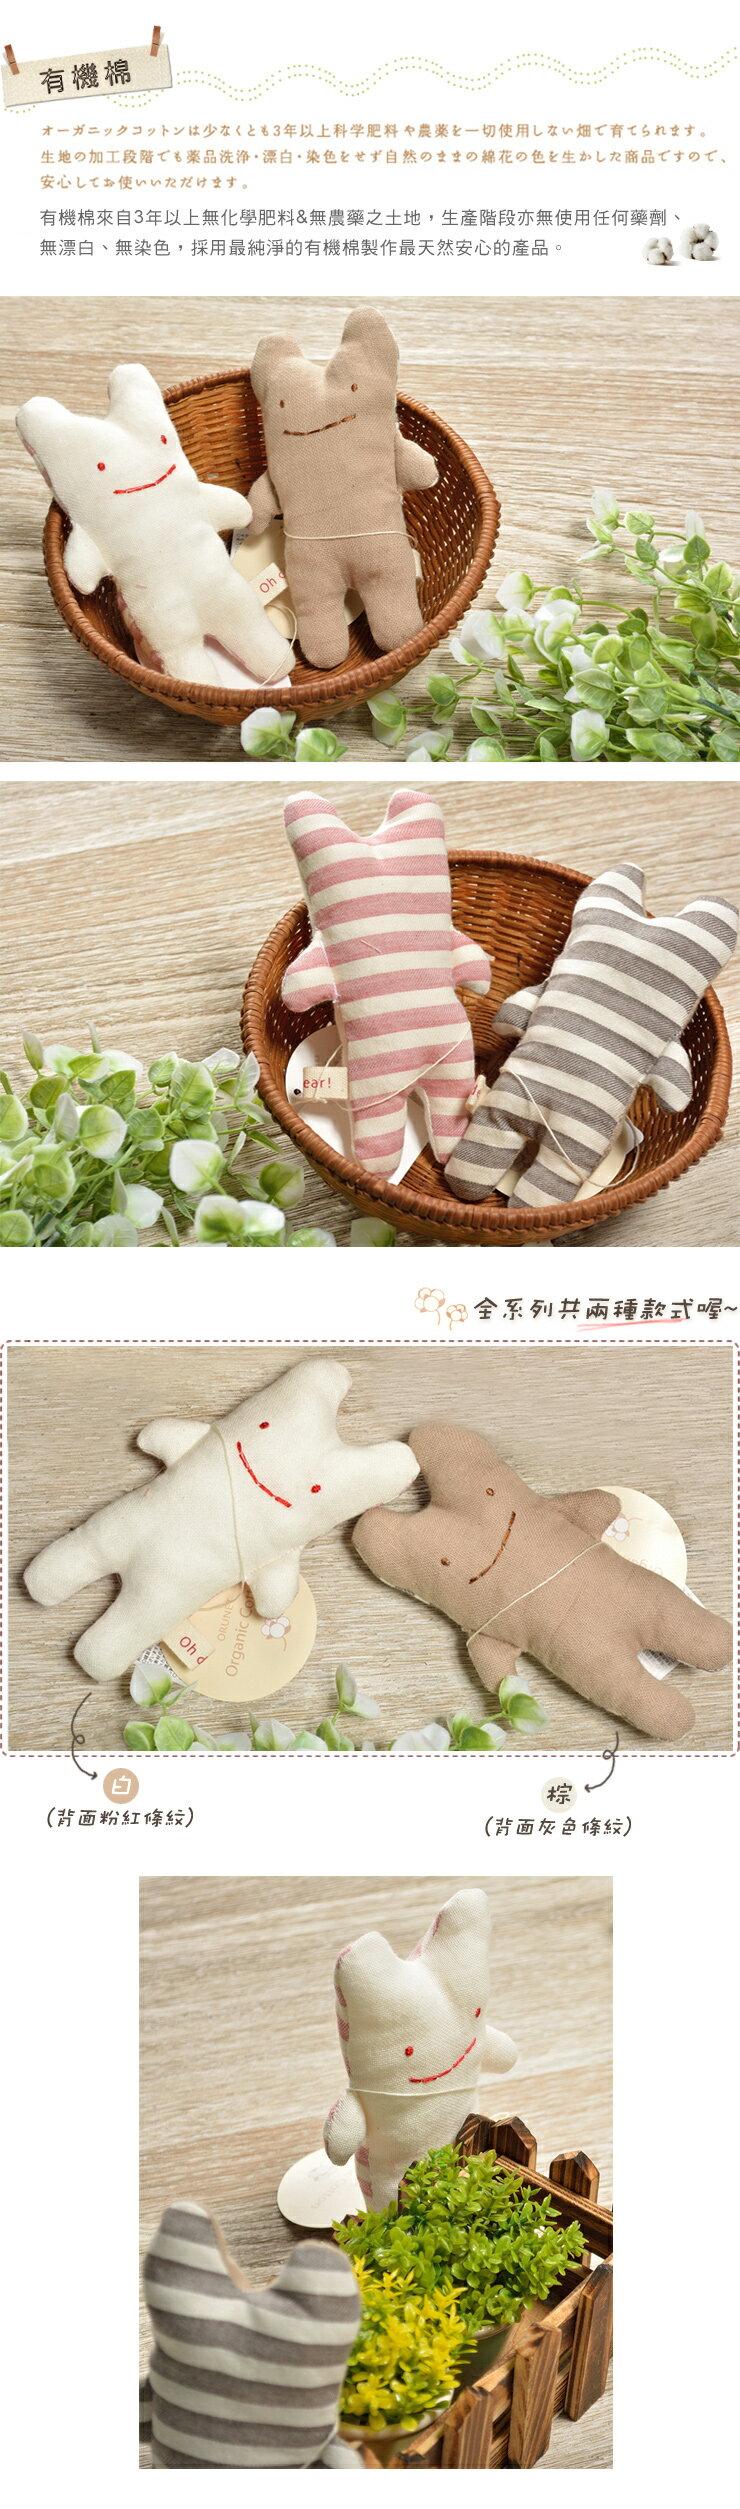 日本今治 - ORUNET - NIGINIGI布娃娃(白色)《日本設計製造》《全館免運費》,有機棉,純棉100%,觸感細緻質地柔軟,吸水性強,日本設計製造,天然水洗滌工法,不使用螢光染料,不添加染劑